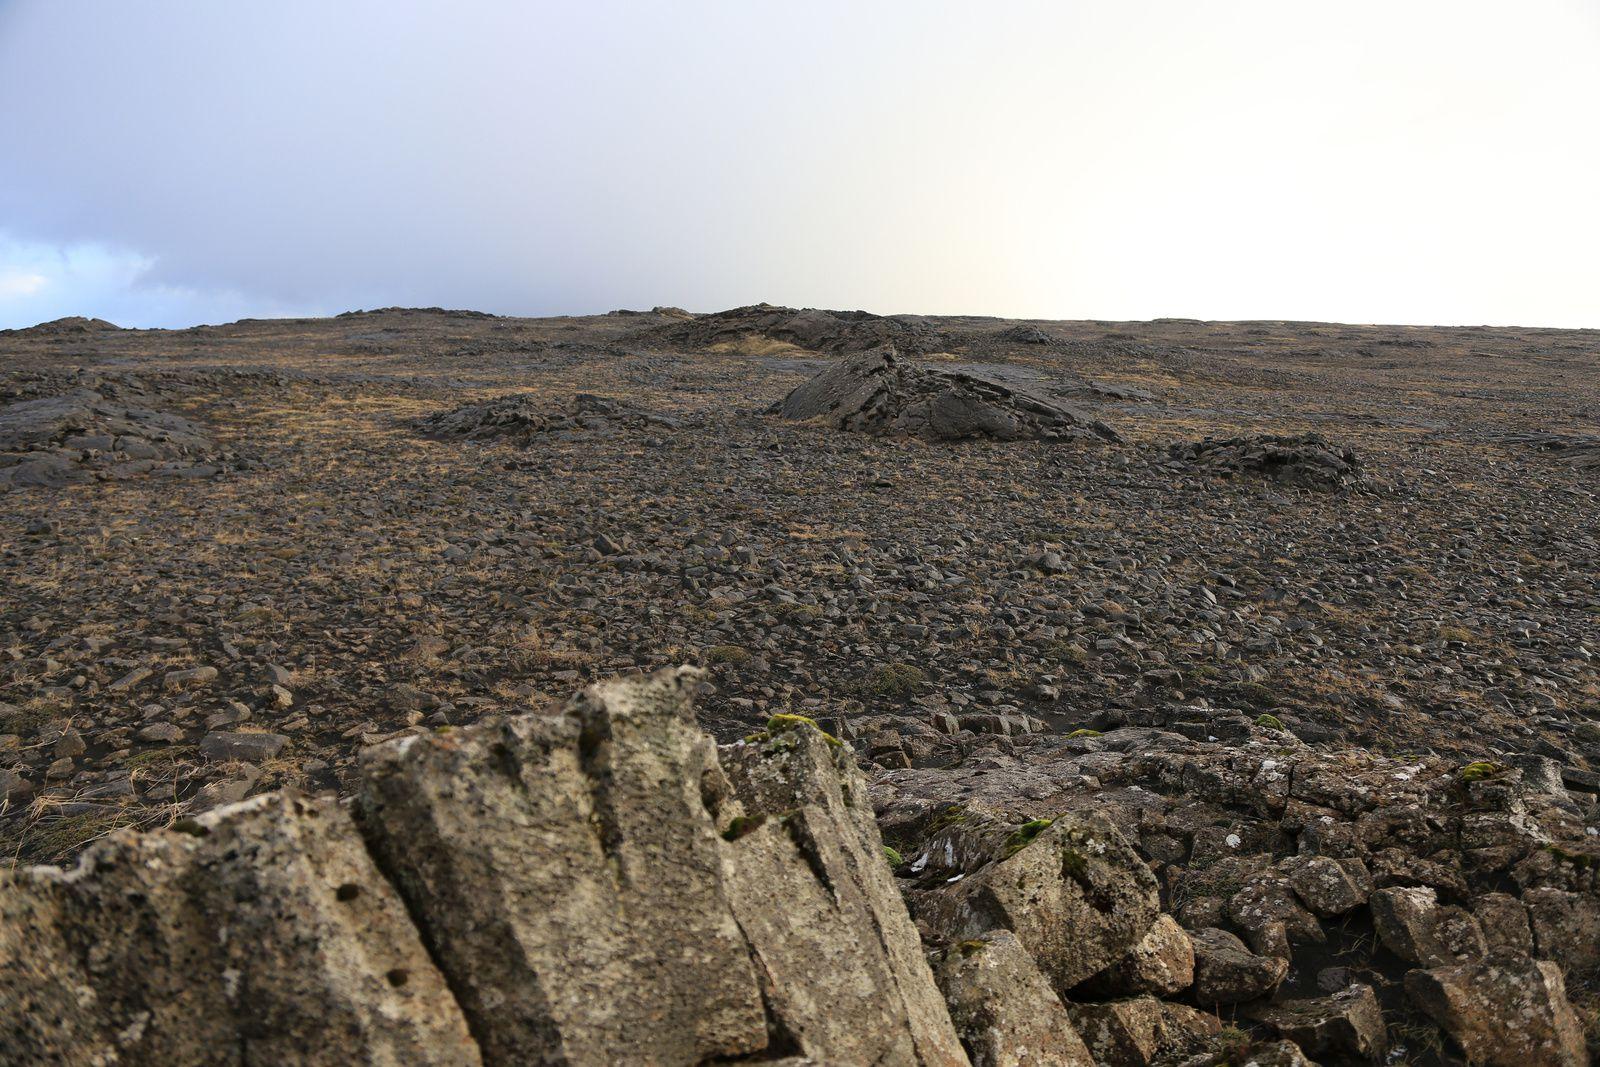 Le champ de lave Hafnaheiði au sud d'Hafnir - photo © Bernard Duyck 10.2016